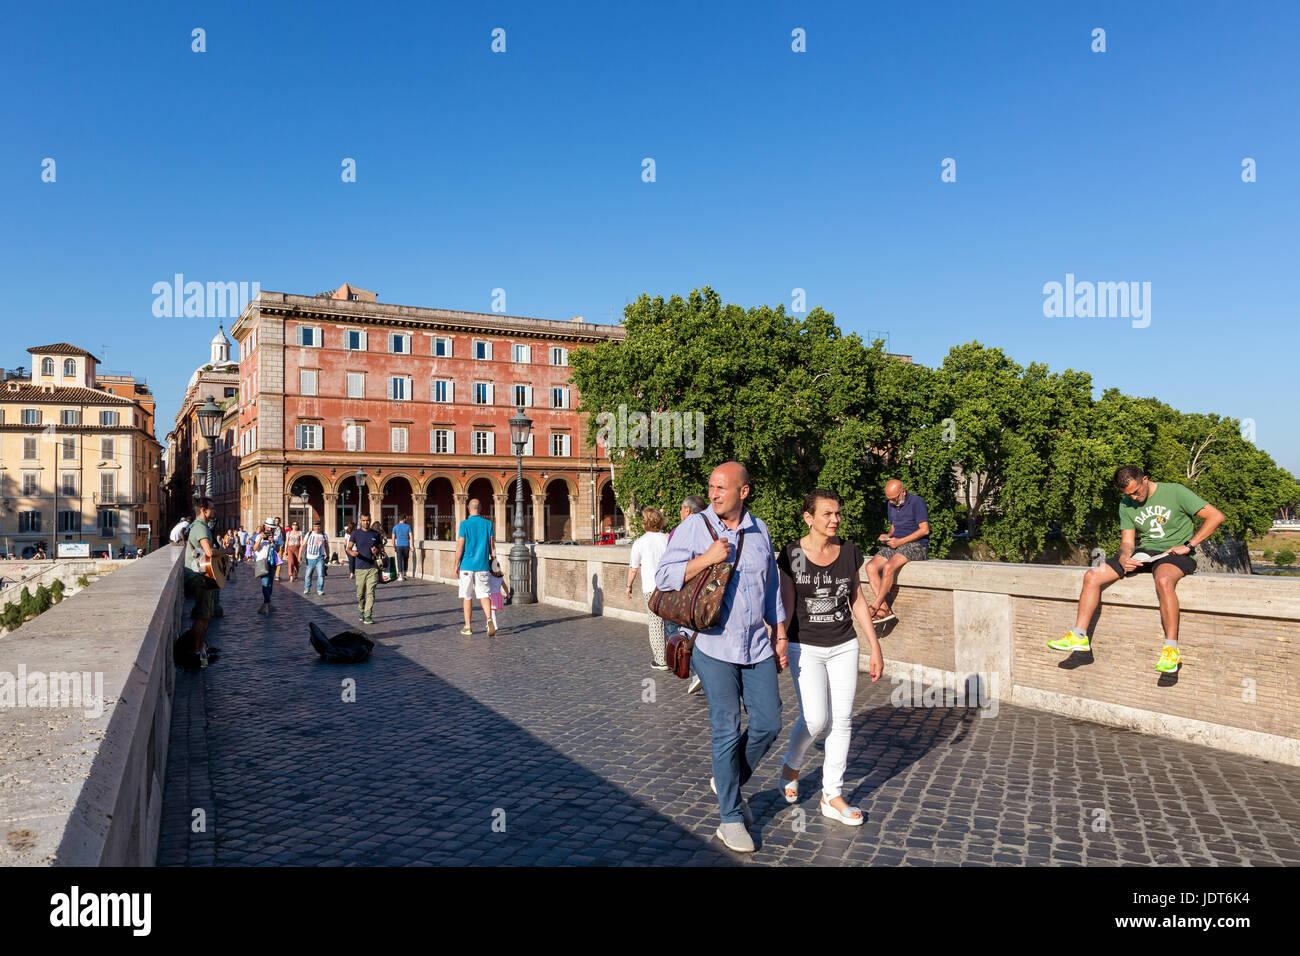 Les gens qui marchent sur le pont Sisto pour aller à la Piazza Trilussa, Trastevere, Rome, Italie Photo Stock